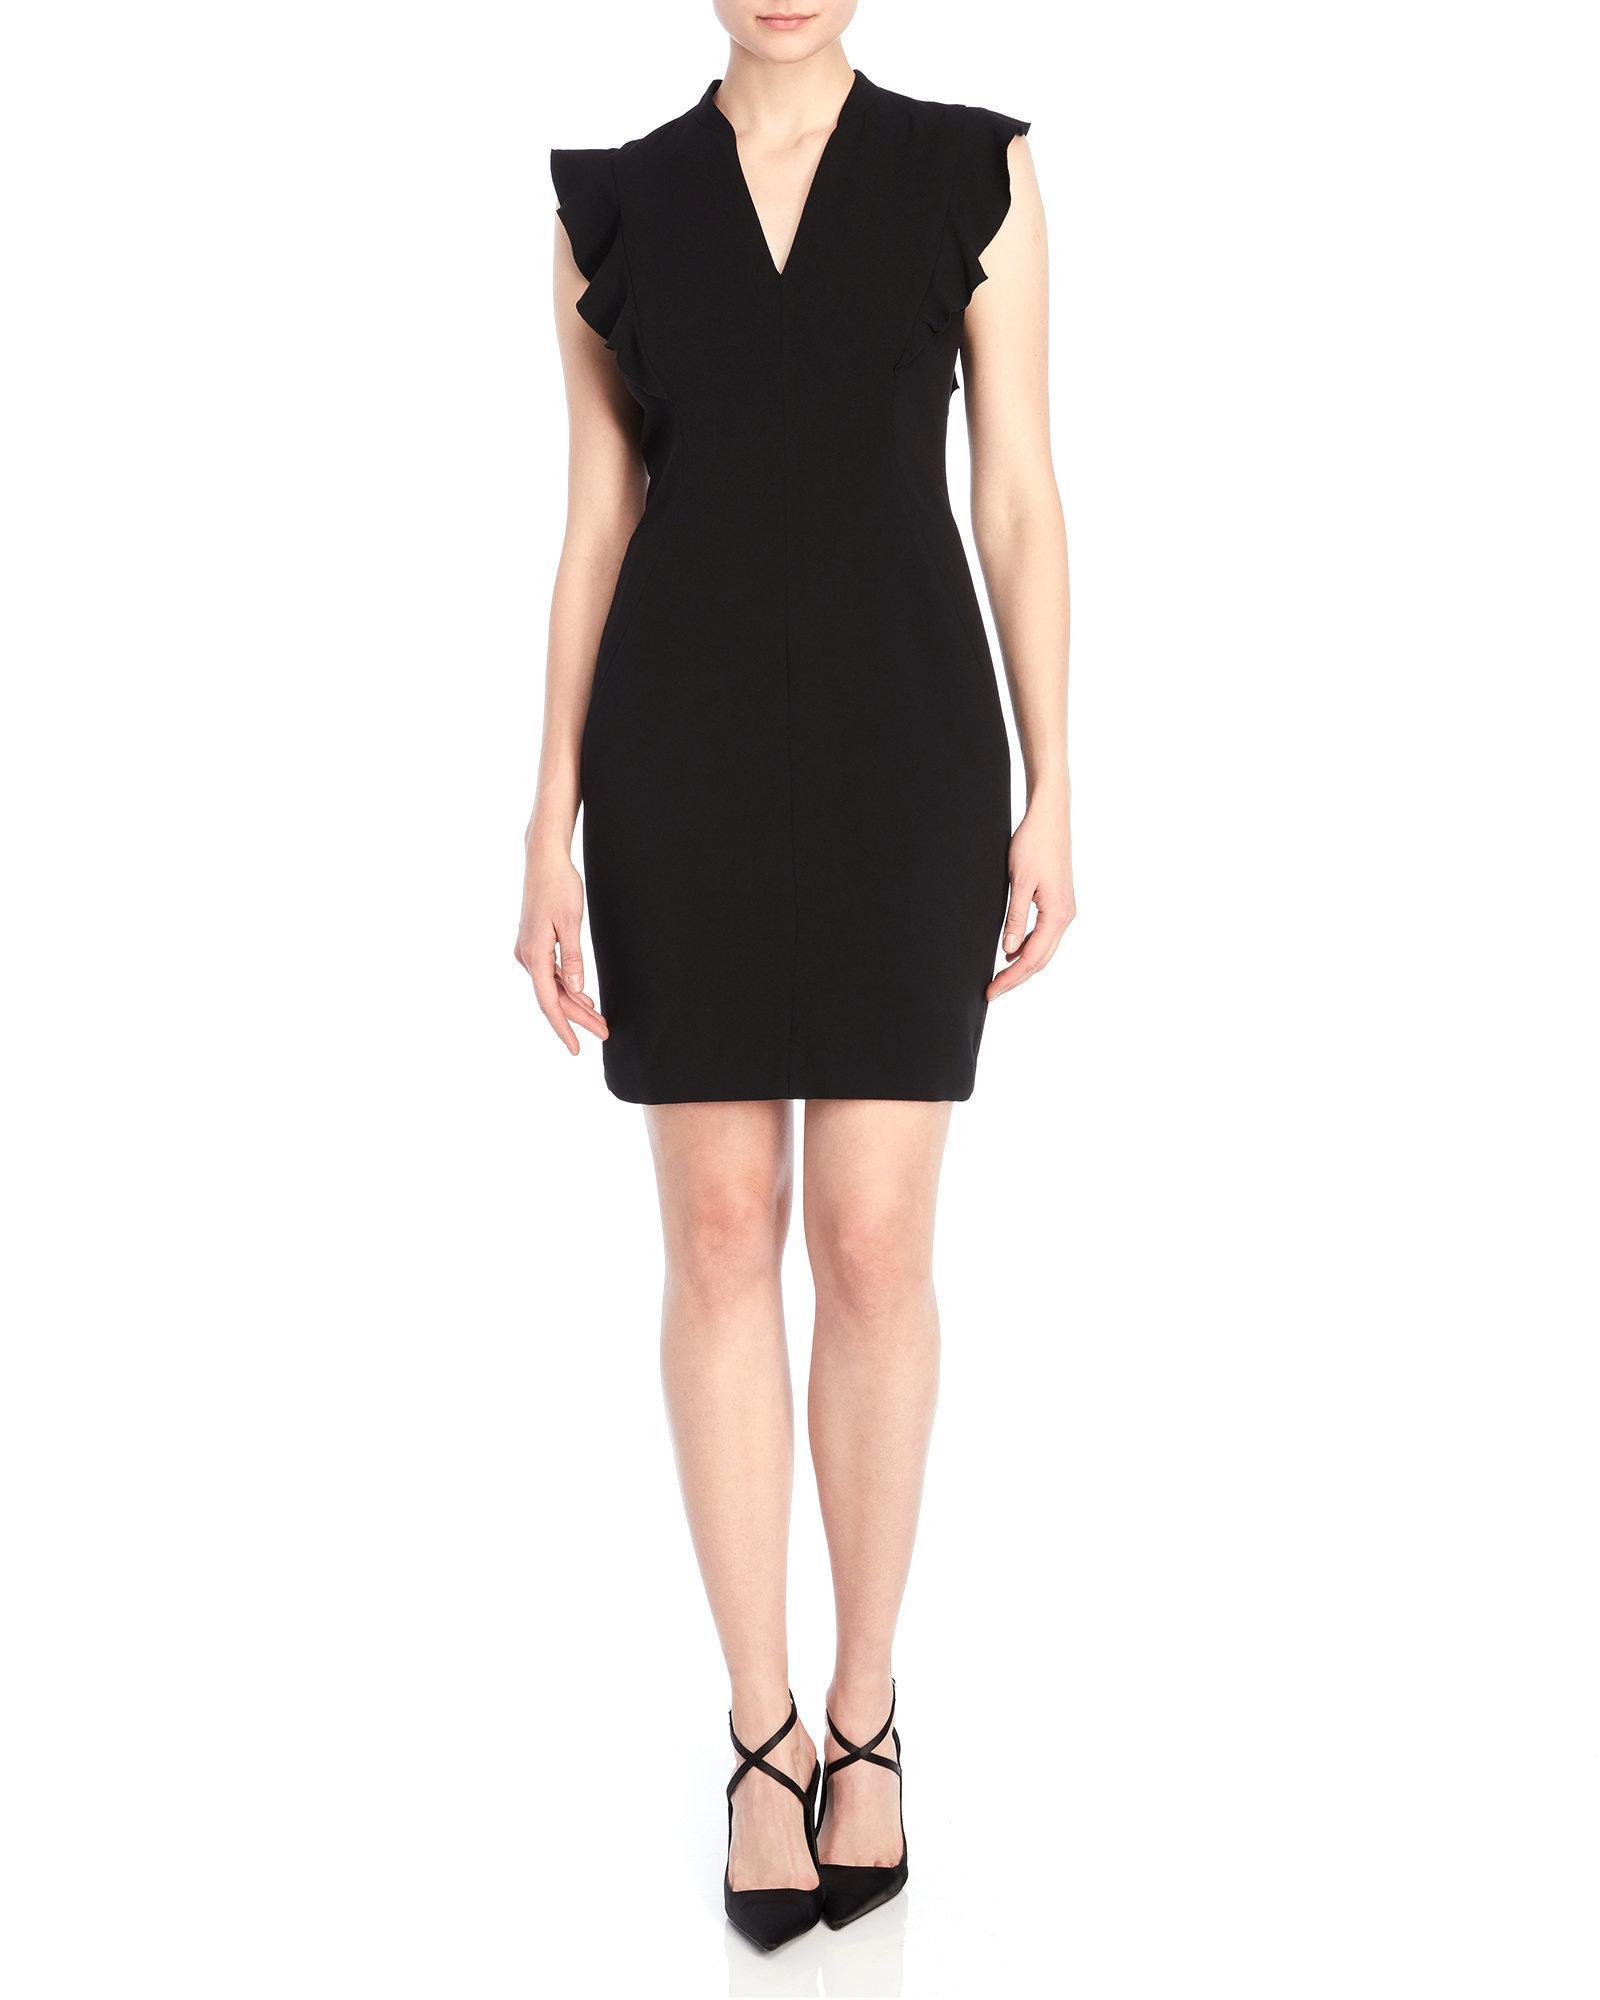 a56b66b7c29 Lyst - T Tahari Anjali Ruffle Sheath Dress in Black